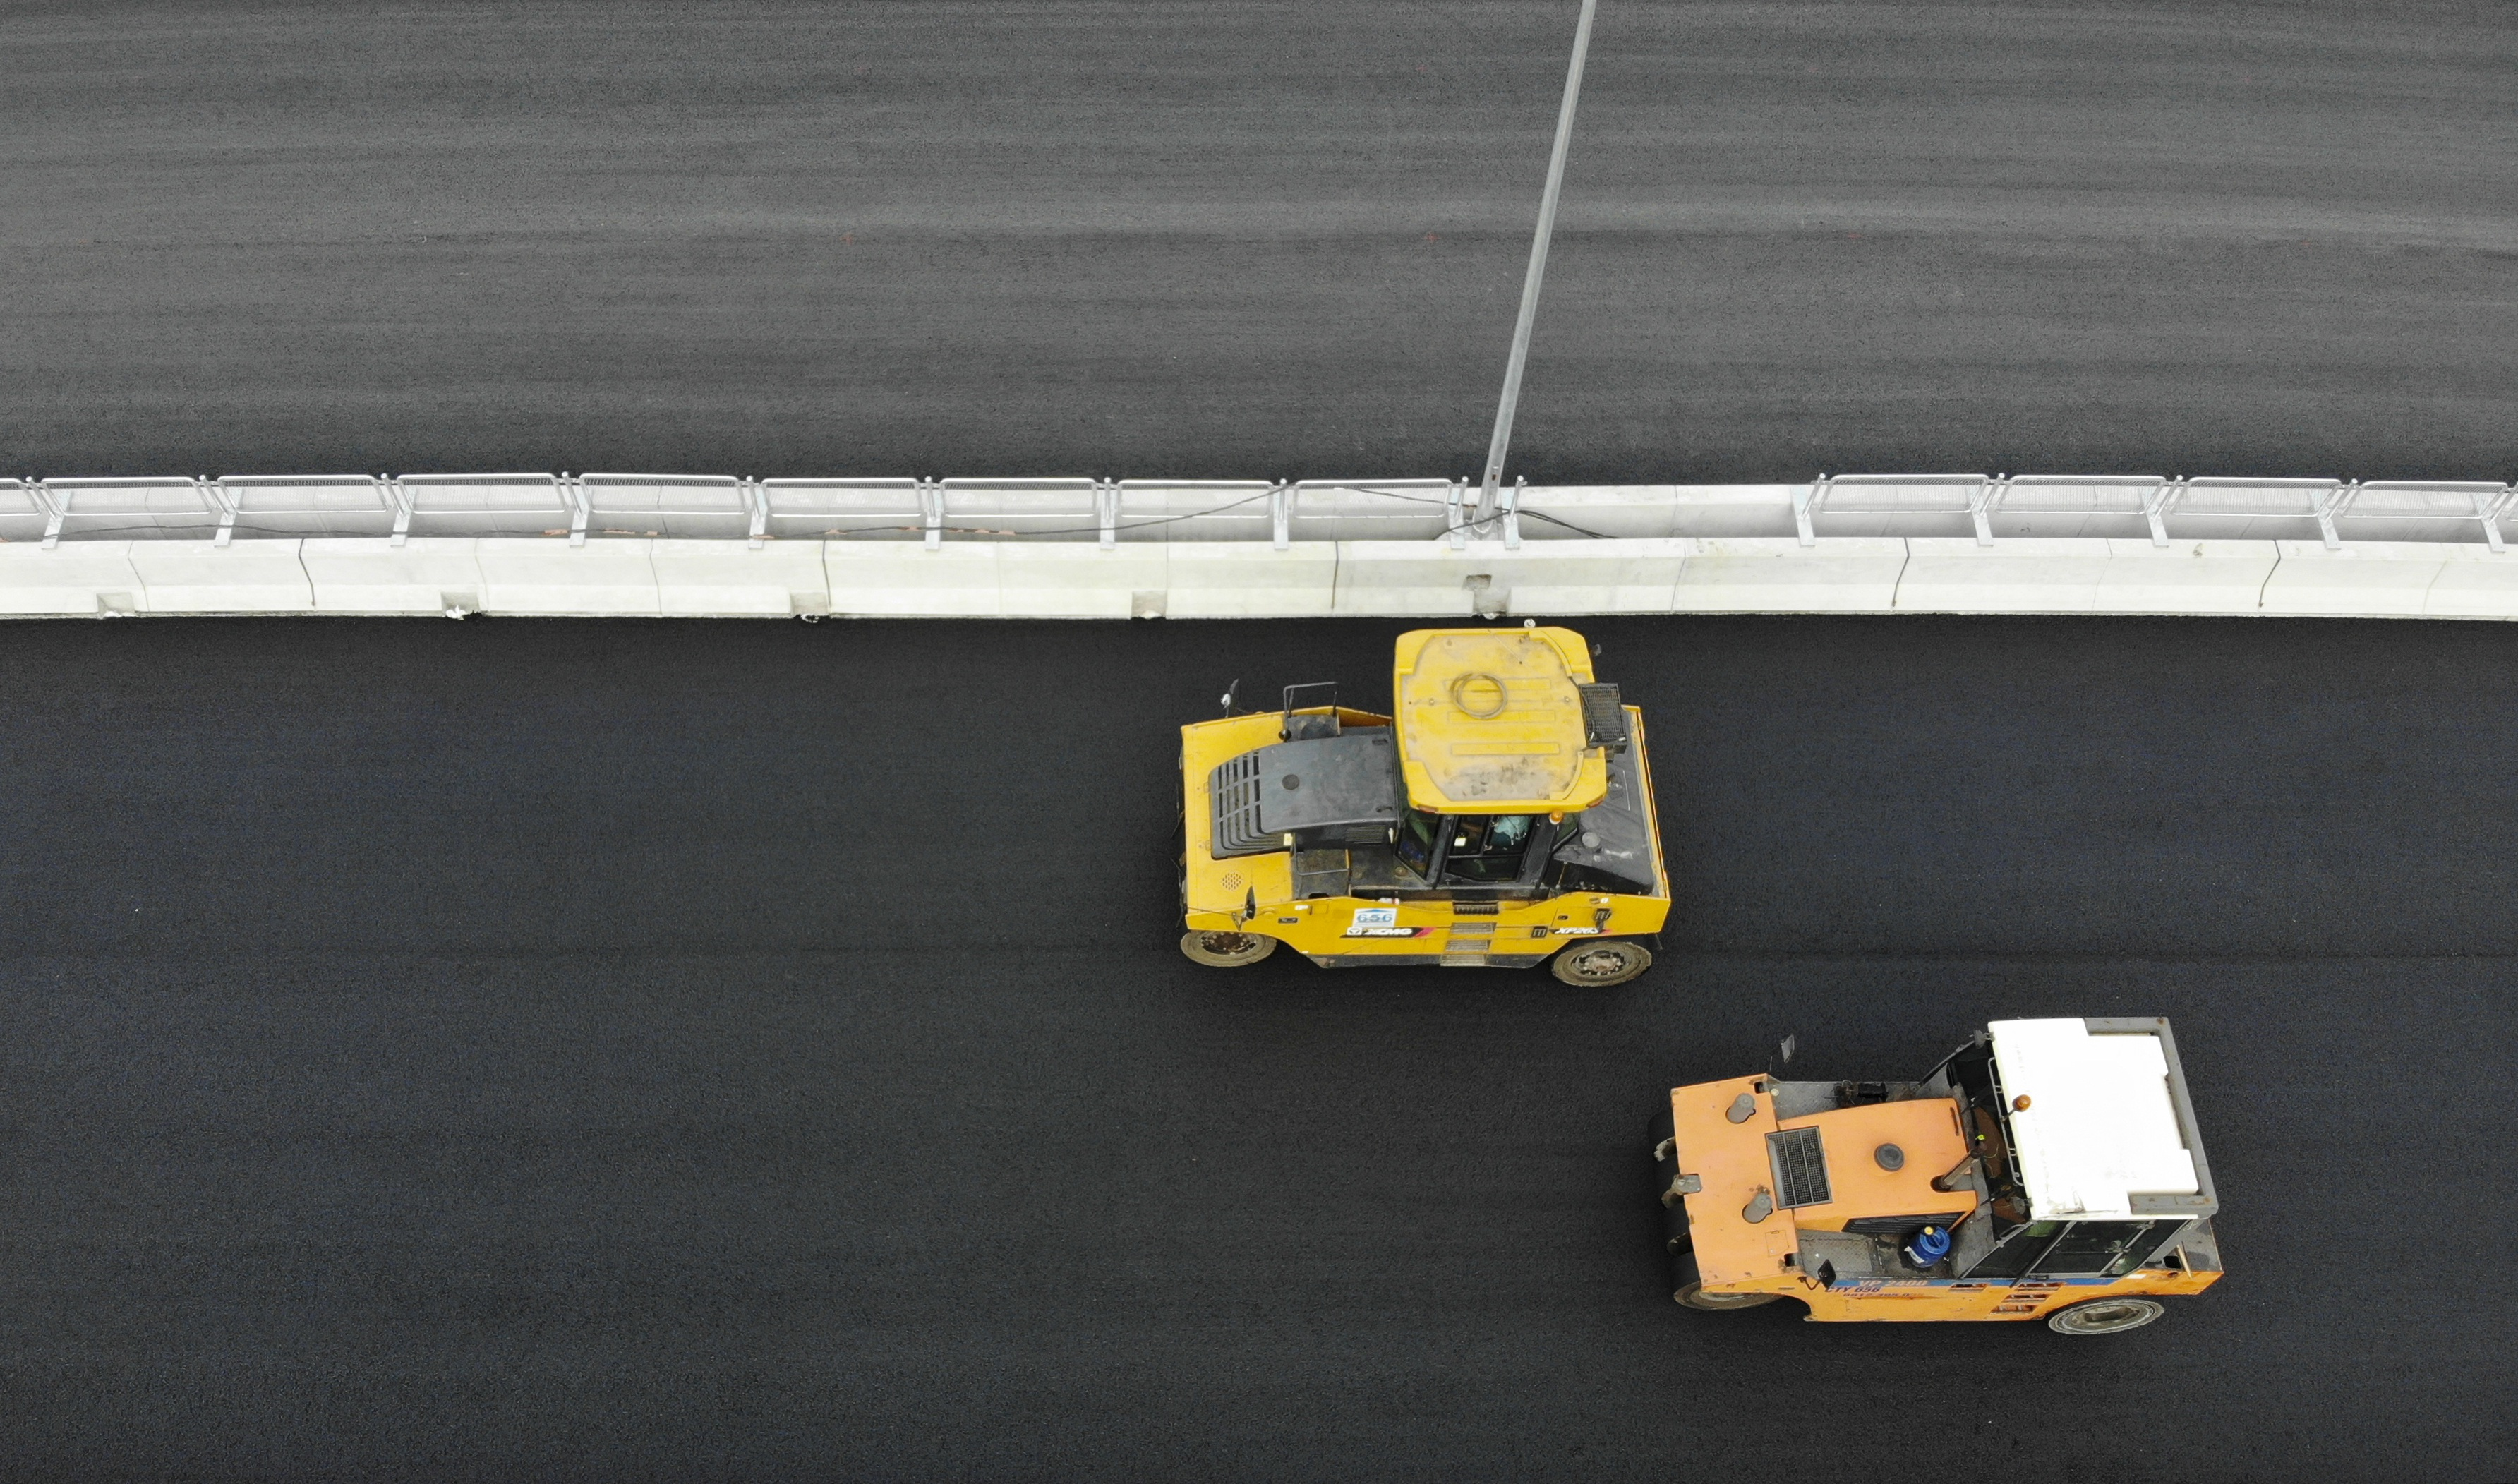 Bất ngờ với diện mạo mới đường vành đai trên cao hơn 5000 tỷ đồng ở Hà Nội - 2